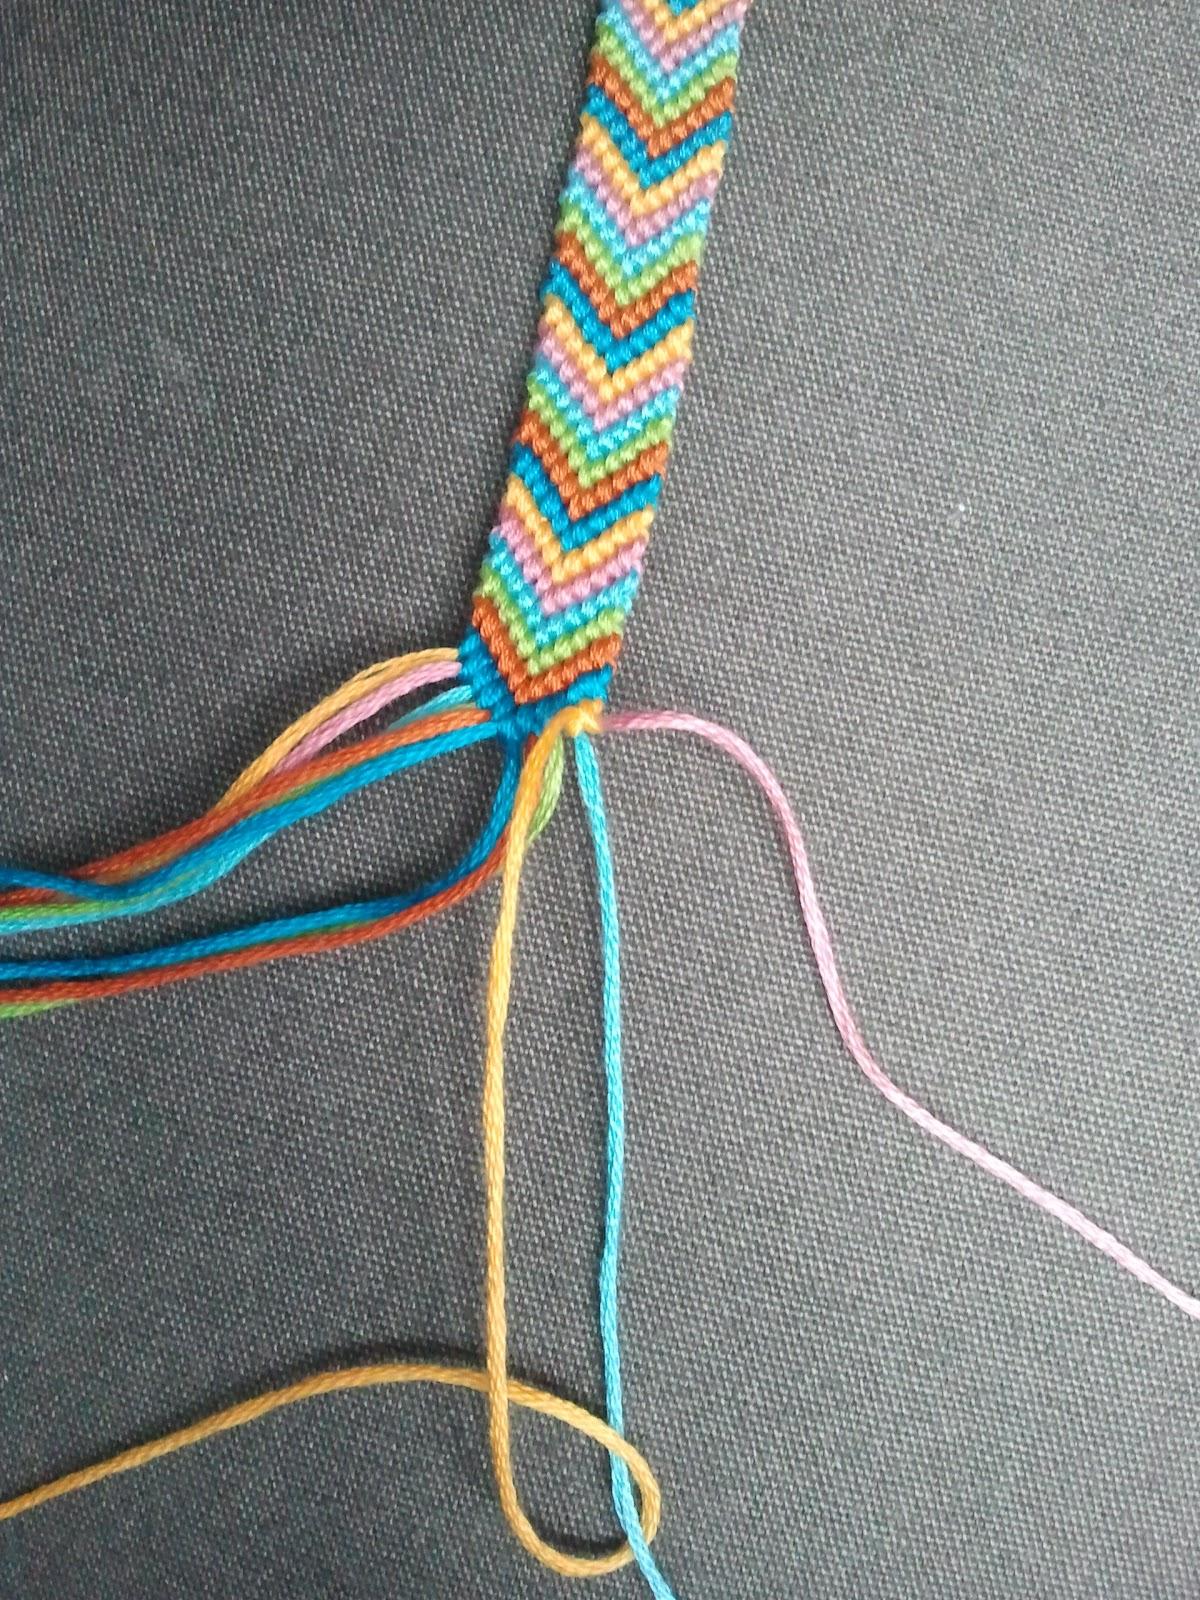 Descendez tout le long des fils vers le centre en répétant chaque fois 2  noeuds par fil. Une fois au centre, passez au côté gauche et faites la même  chose.